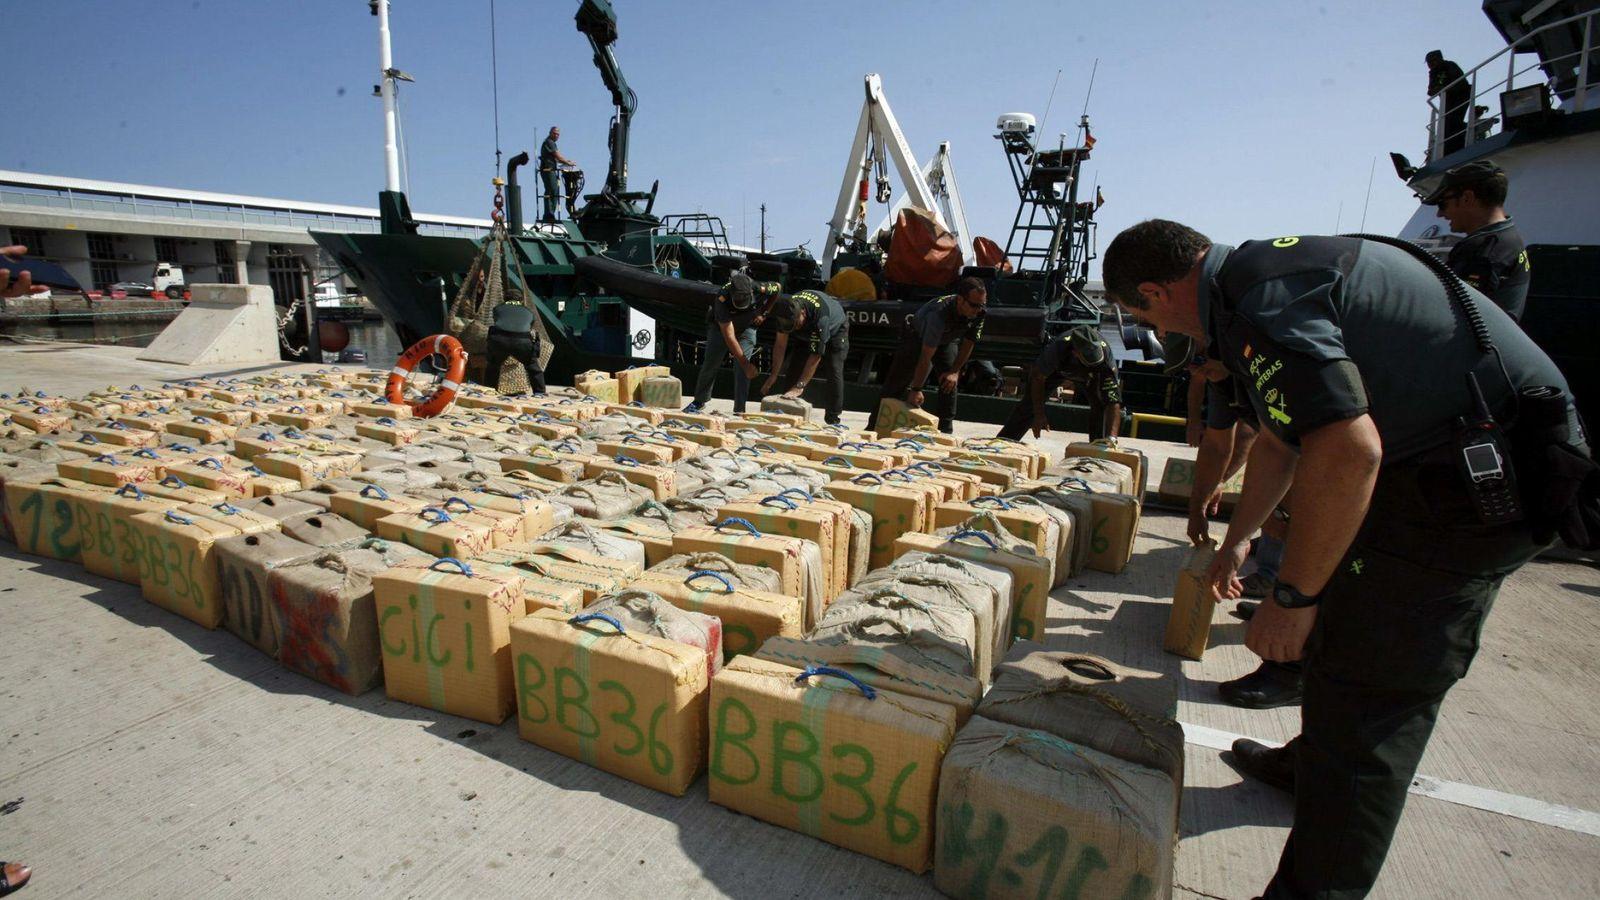 Foto: 13 toneladas de hachís intervenidas en 2014 por la Guardia Civil y expuestas en Melilla. (EFE)